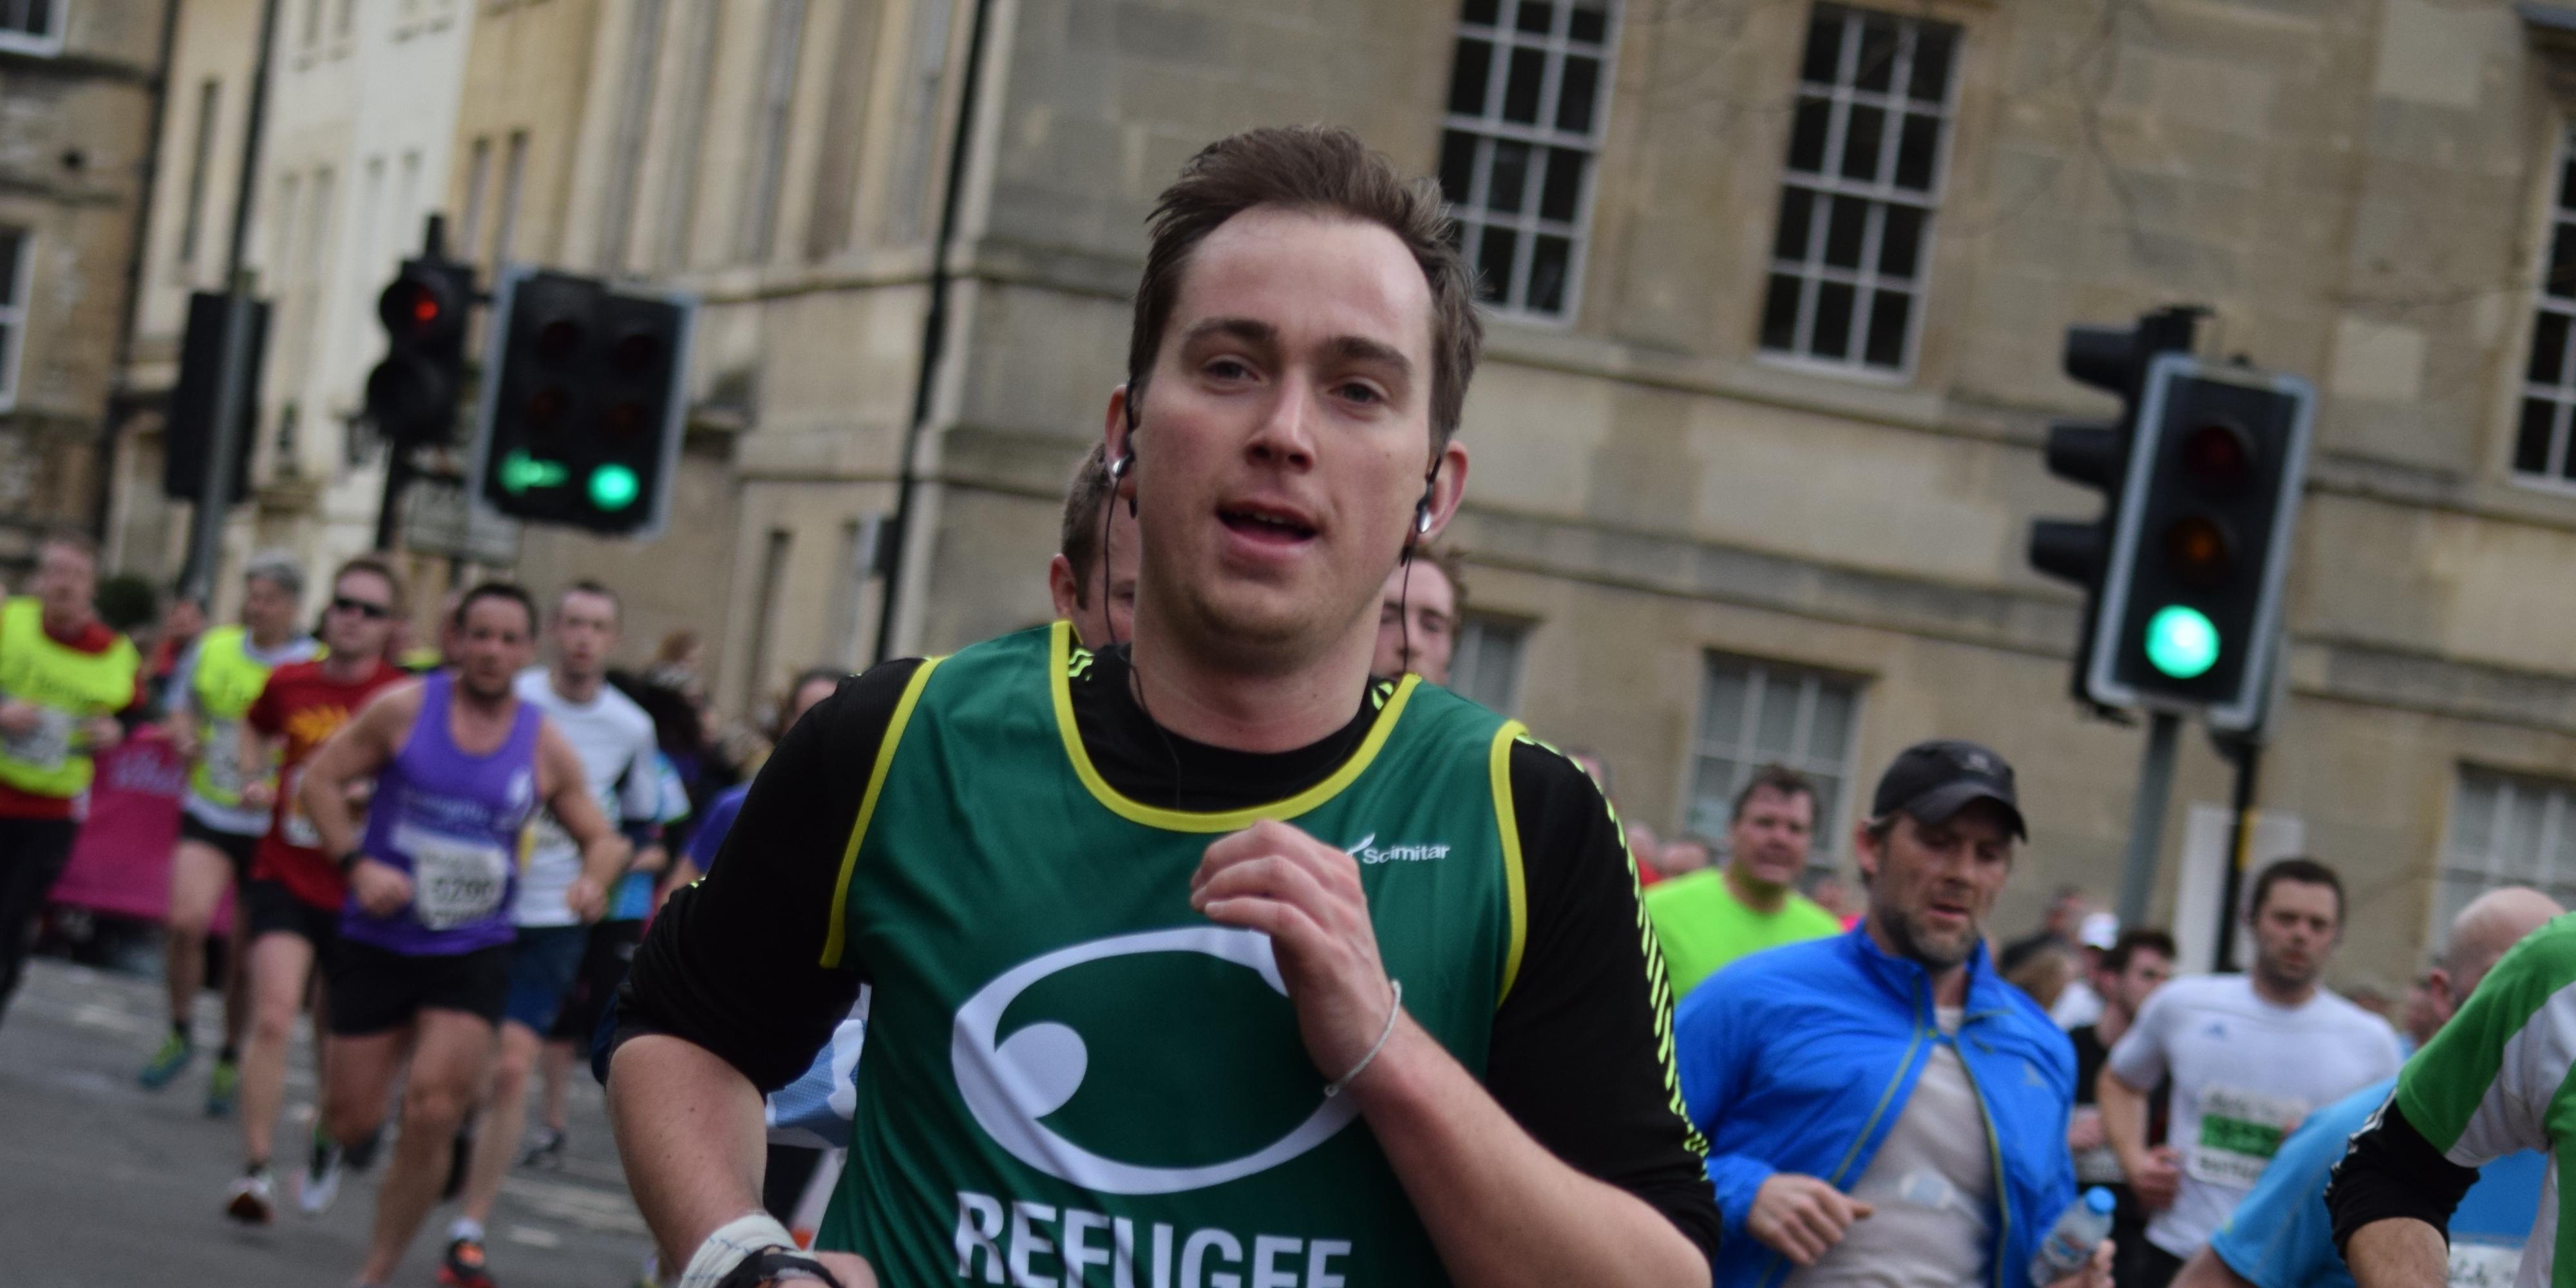 A Refugee Action runner runs a race